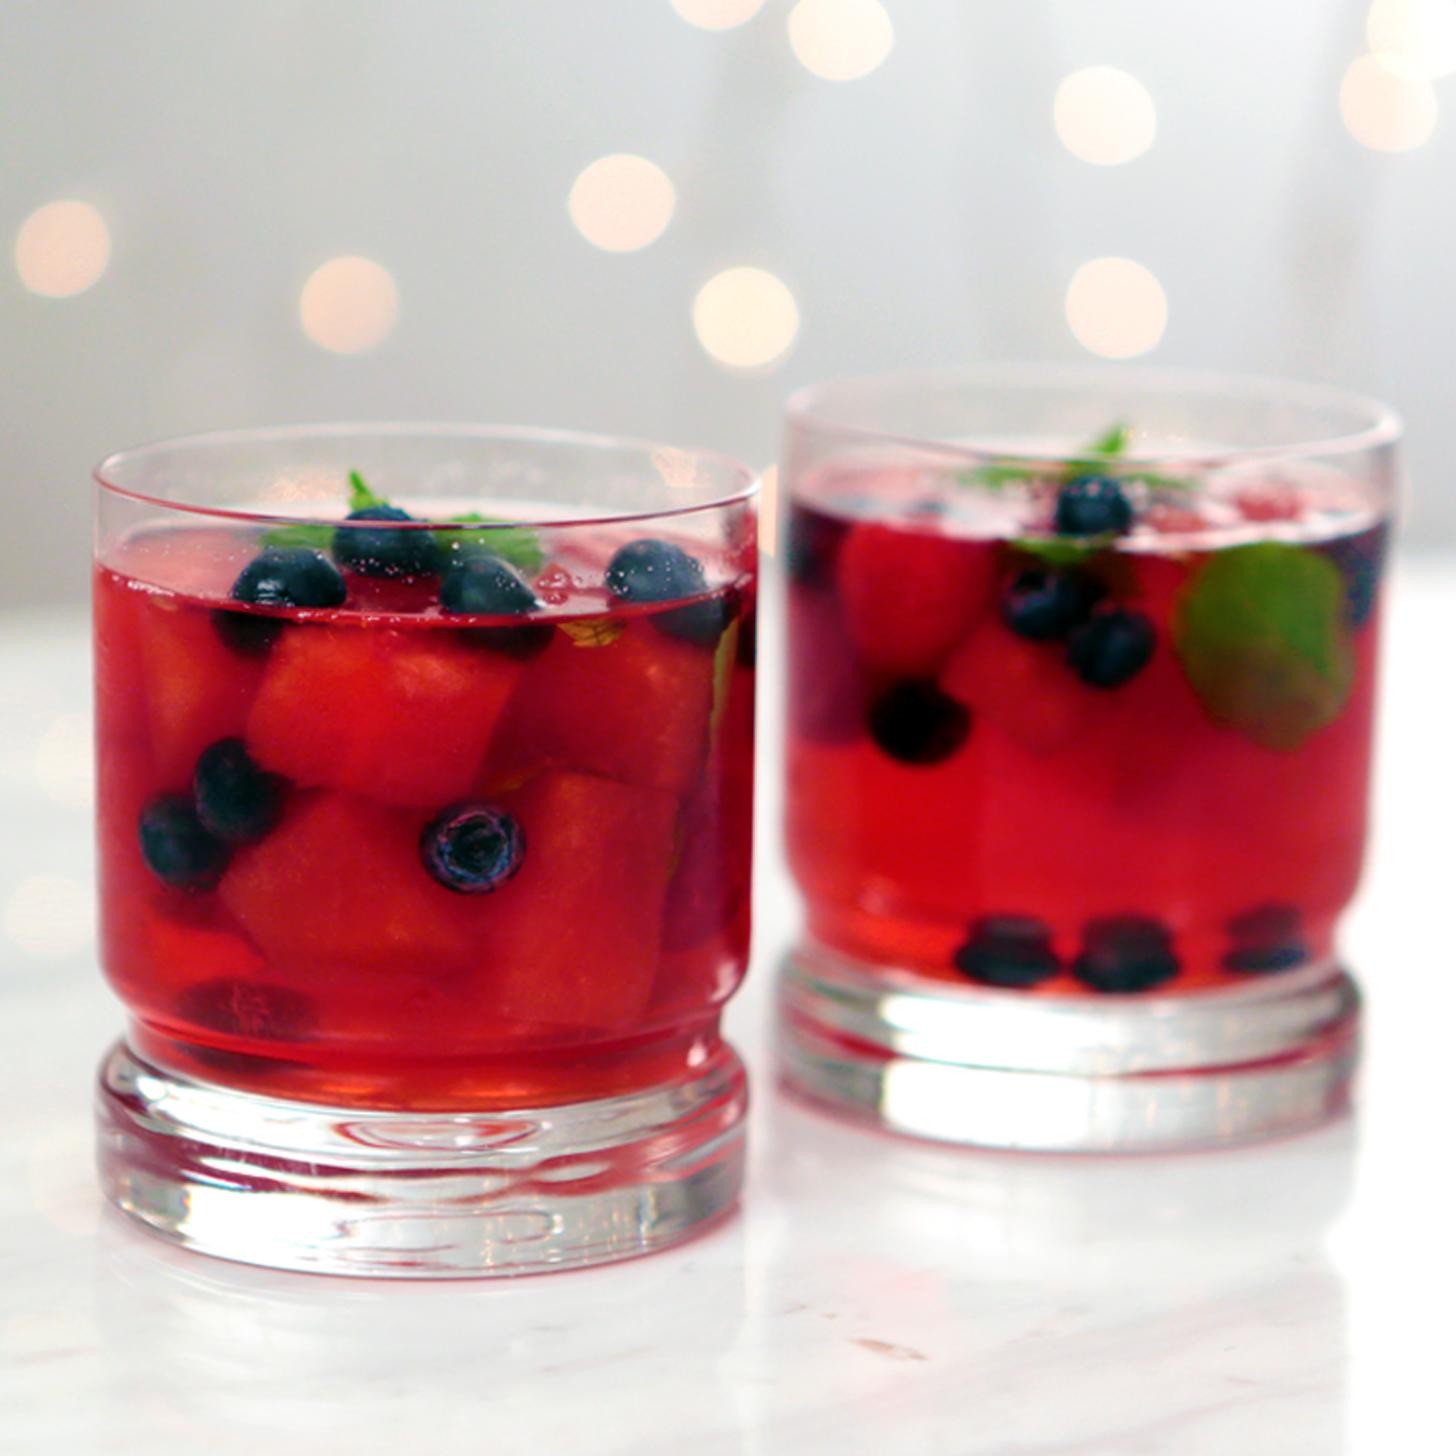 ... minty spritzer a berry minty spritzer 4 jpg a berry minty spritzer 4